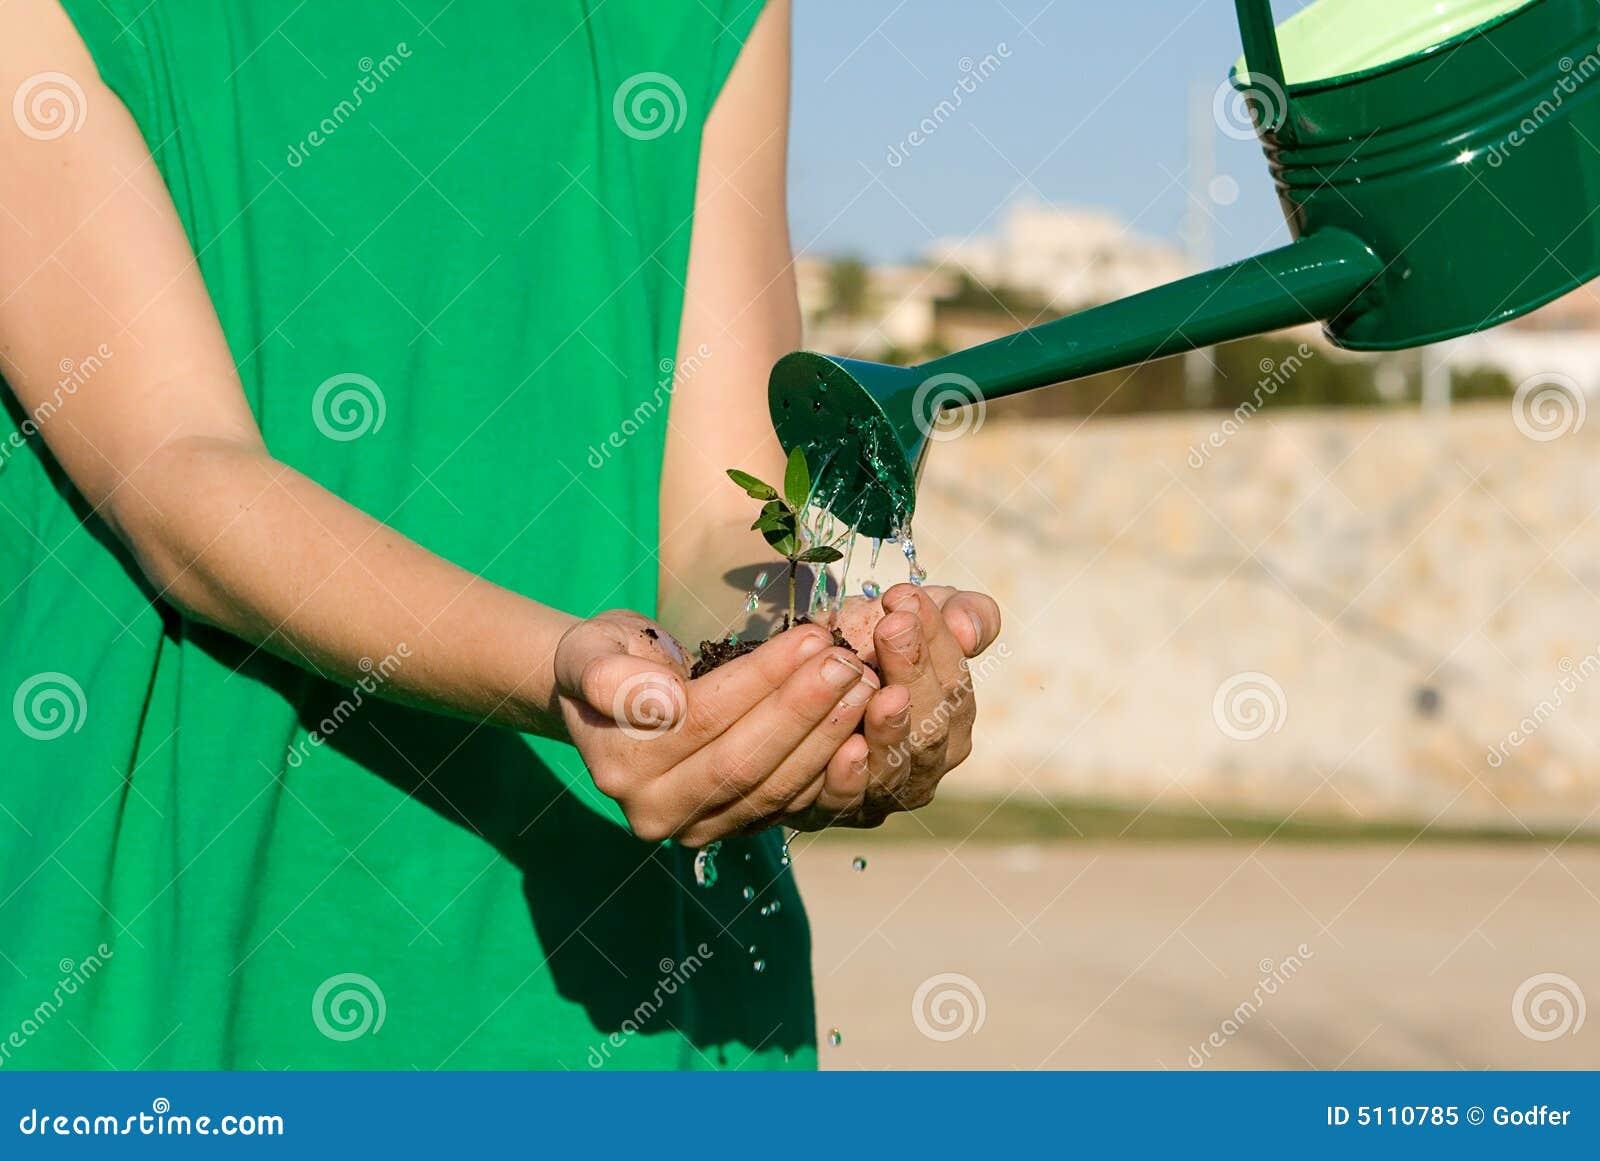 Kindbewässerungsanlage in schalenförmiger Hand